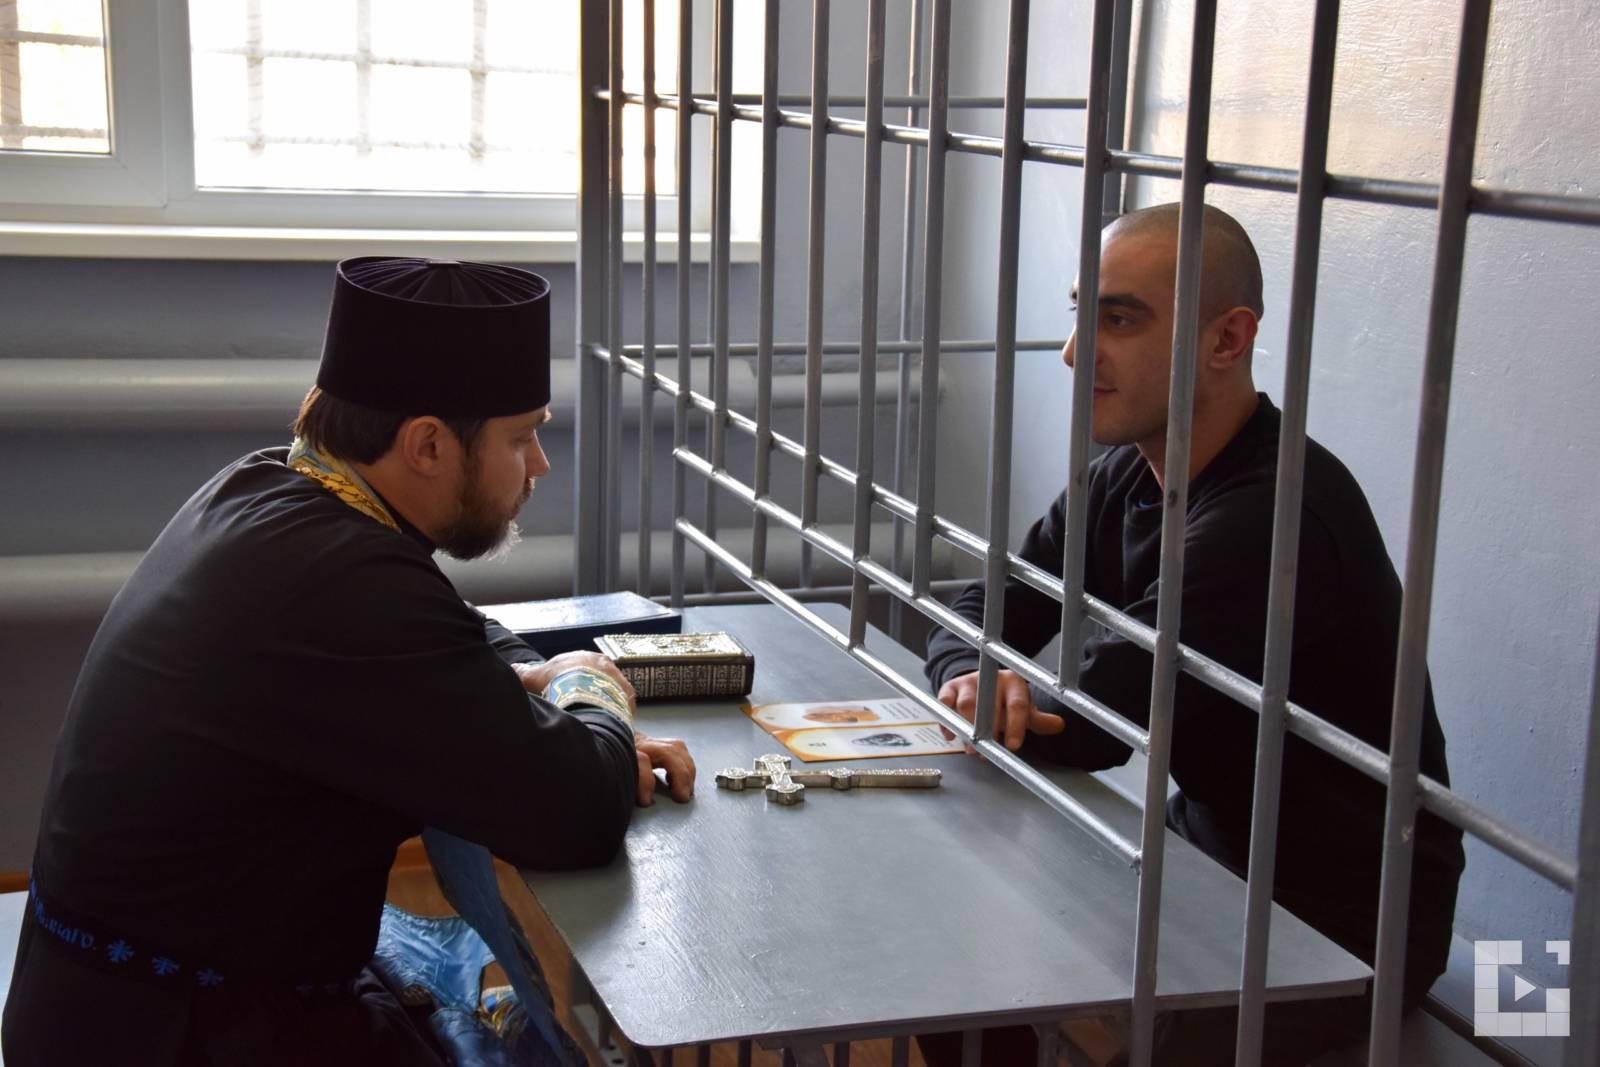 Иерей Алексий Муркин посетил изолятор временного содержания подозреваемых и обвиняемых в г. Михайловка. - Урюпинская епархия